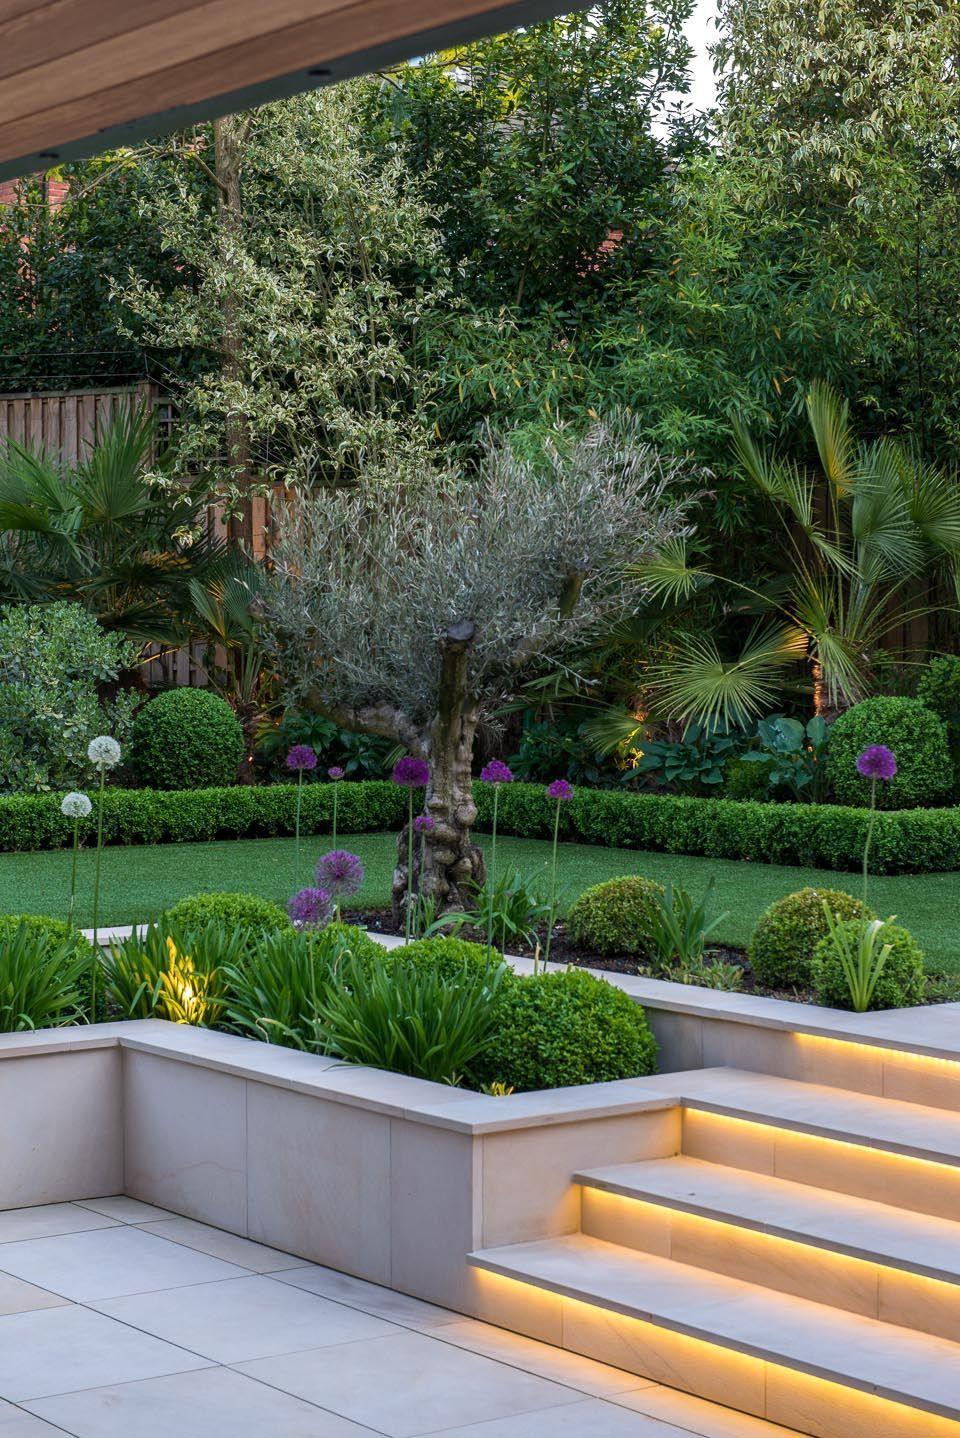 Twickenham Kate Gould Gardens Garden Design Features That Will Make The Whole Space Backyard Landscaping Designs Country Garden Decor Modern Garden Design